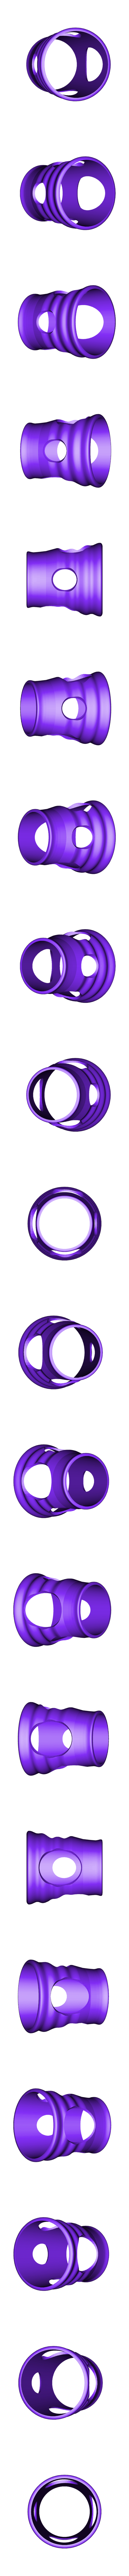 pink_cup_holder2.STL Download free STL file paper cup holders • 3D printer model, Baldshall